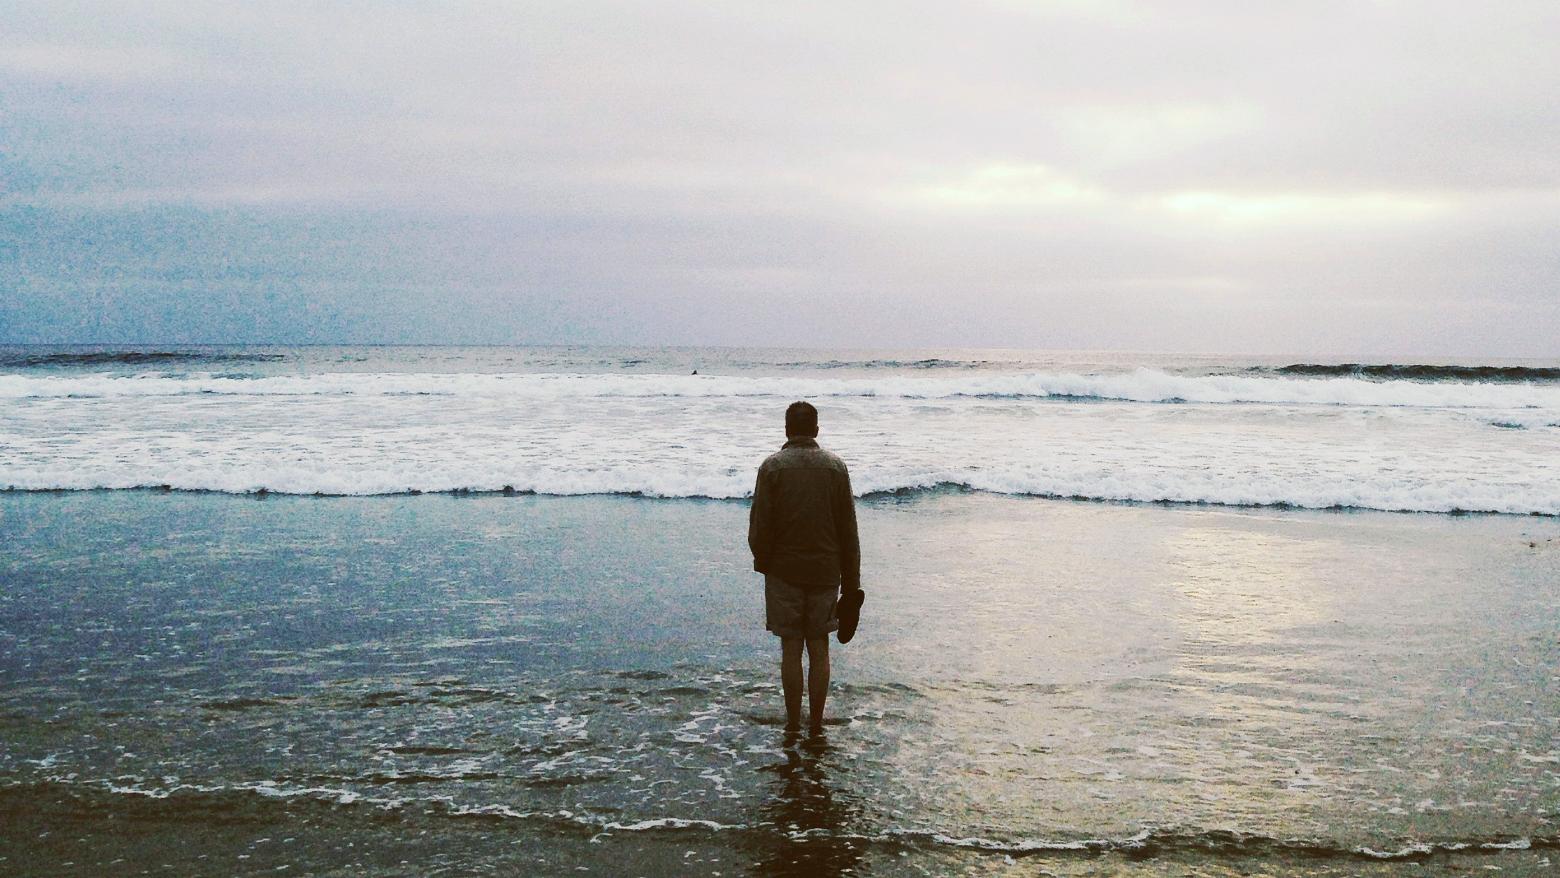 Letzte Wünsche: Ein Mann steht allein am Meer. Symbolbild. Ein Gespräch mit Alexander Krützfeldt über das Sterben, letzte Wünsche und darüber, was Sterbende bereuen und wie sie mit dem Tod umgehen. In: Prinzip Apfelbaum. Magazin über das, was bleibt. Foto: izherealw via Twenty20